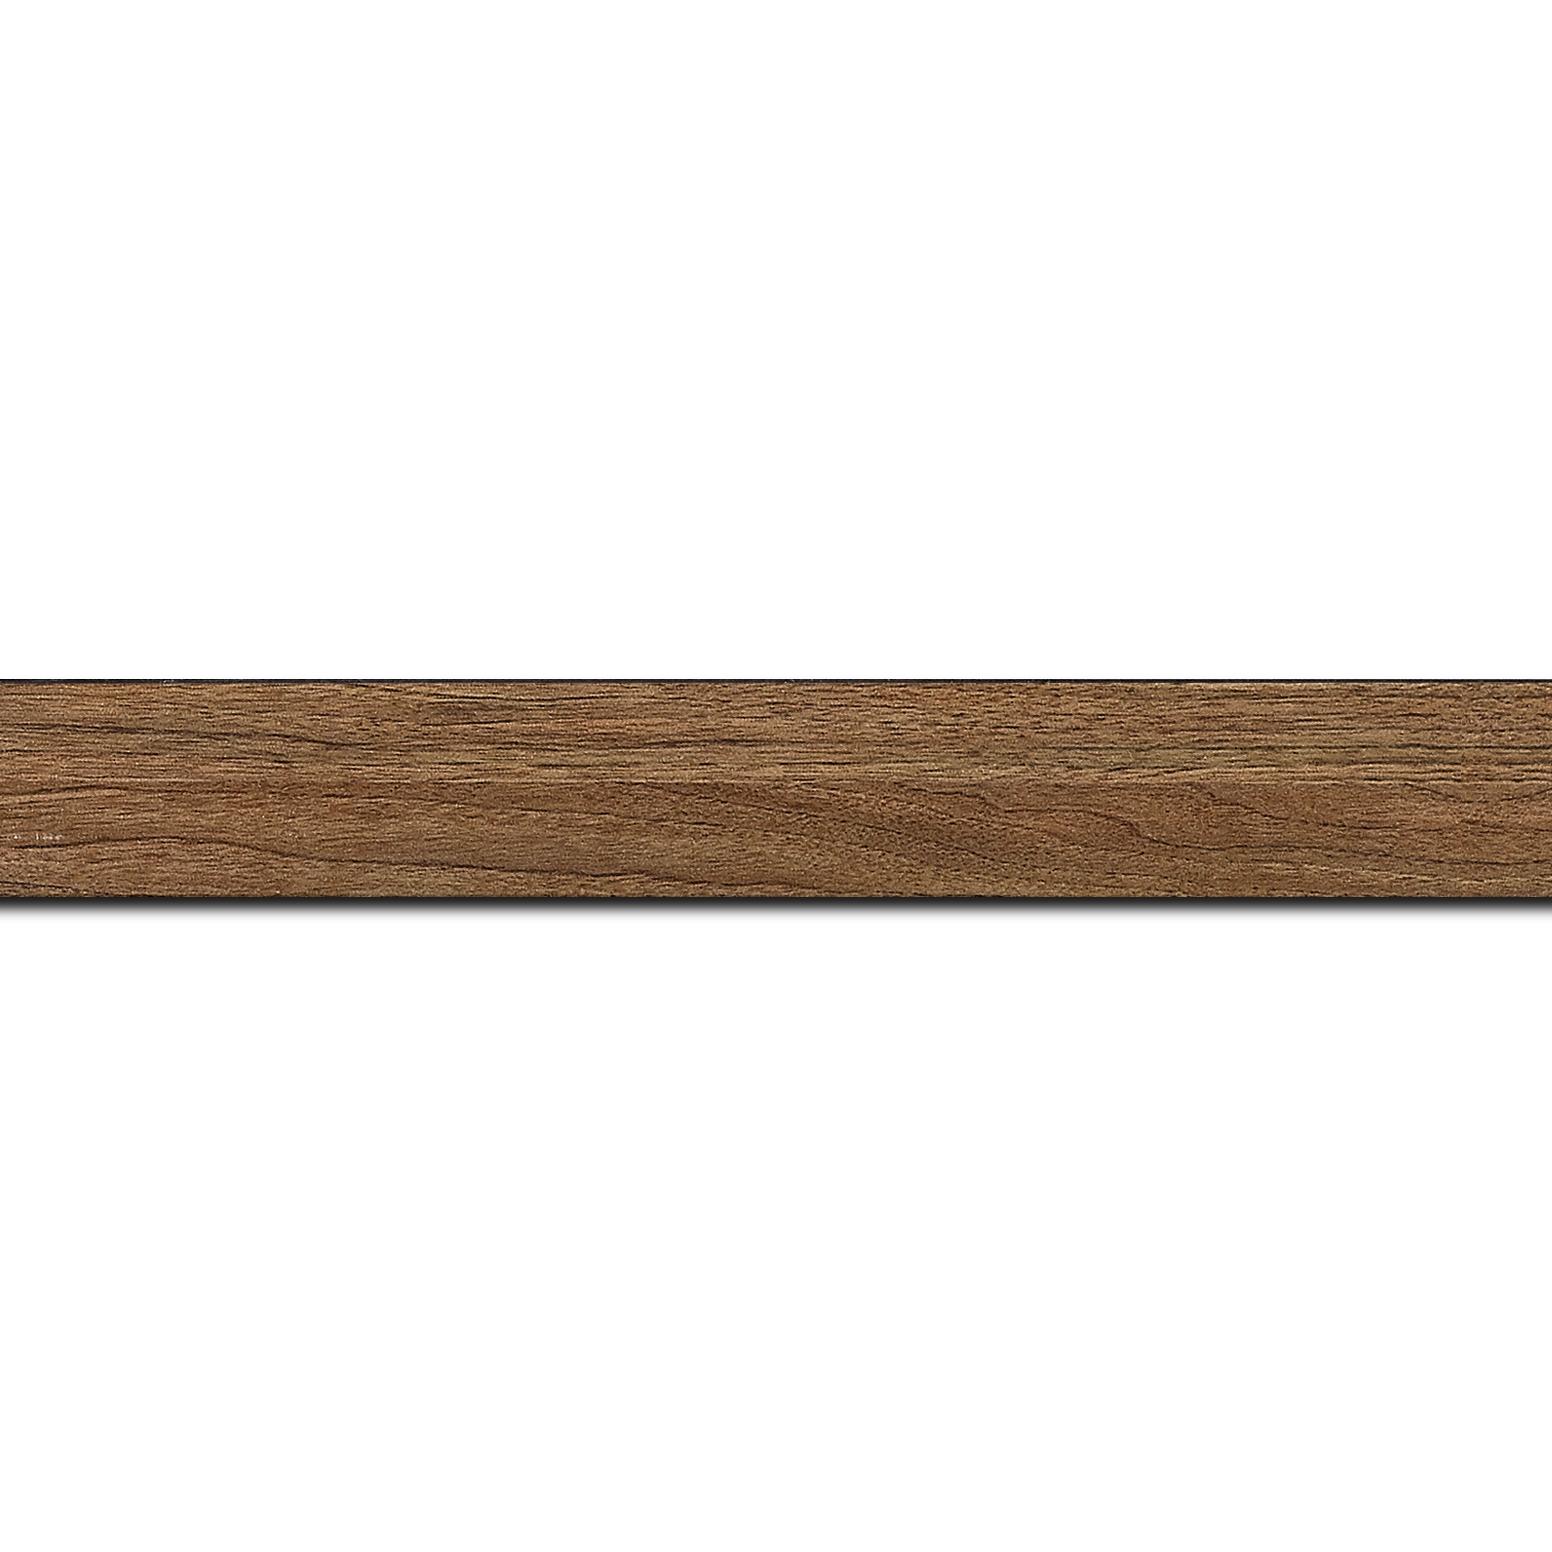 Baguette longueur 1.40m bois profil plat largeur 2cm décor bois chêne doré